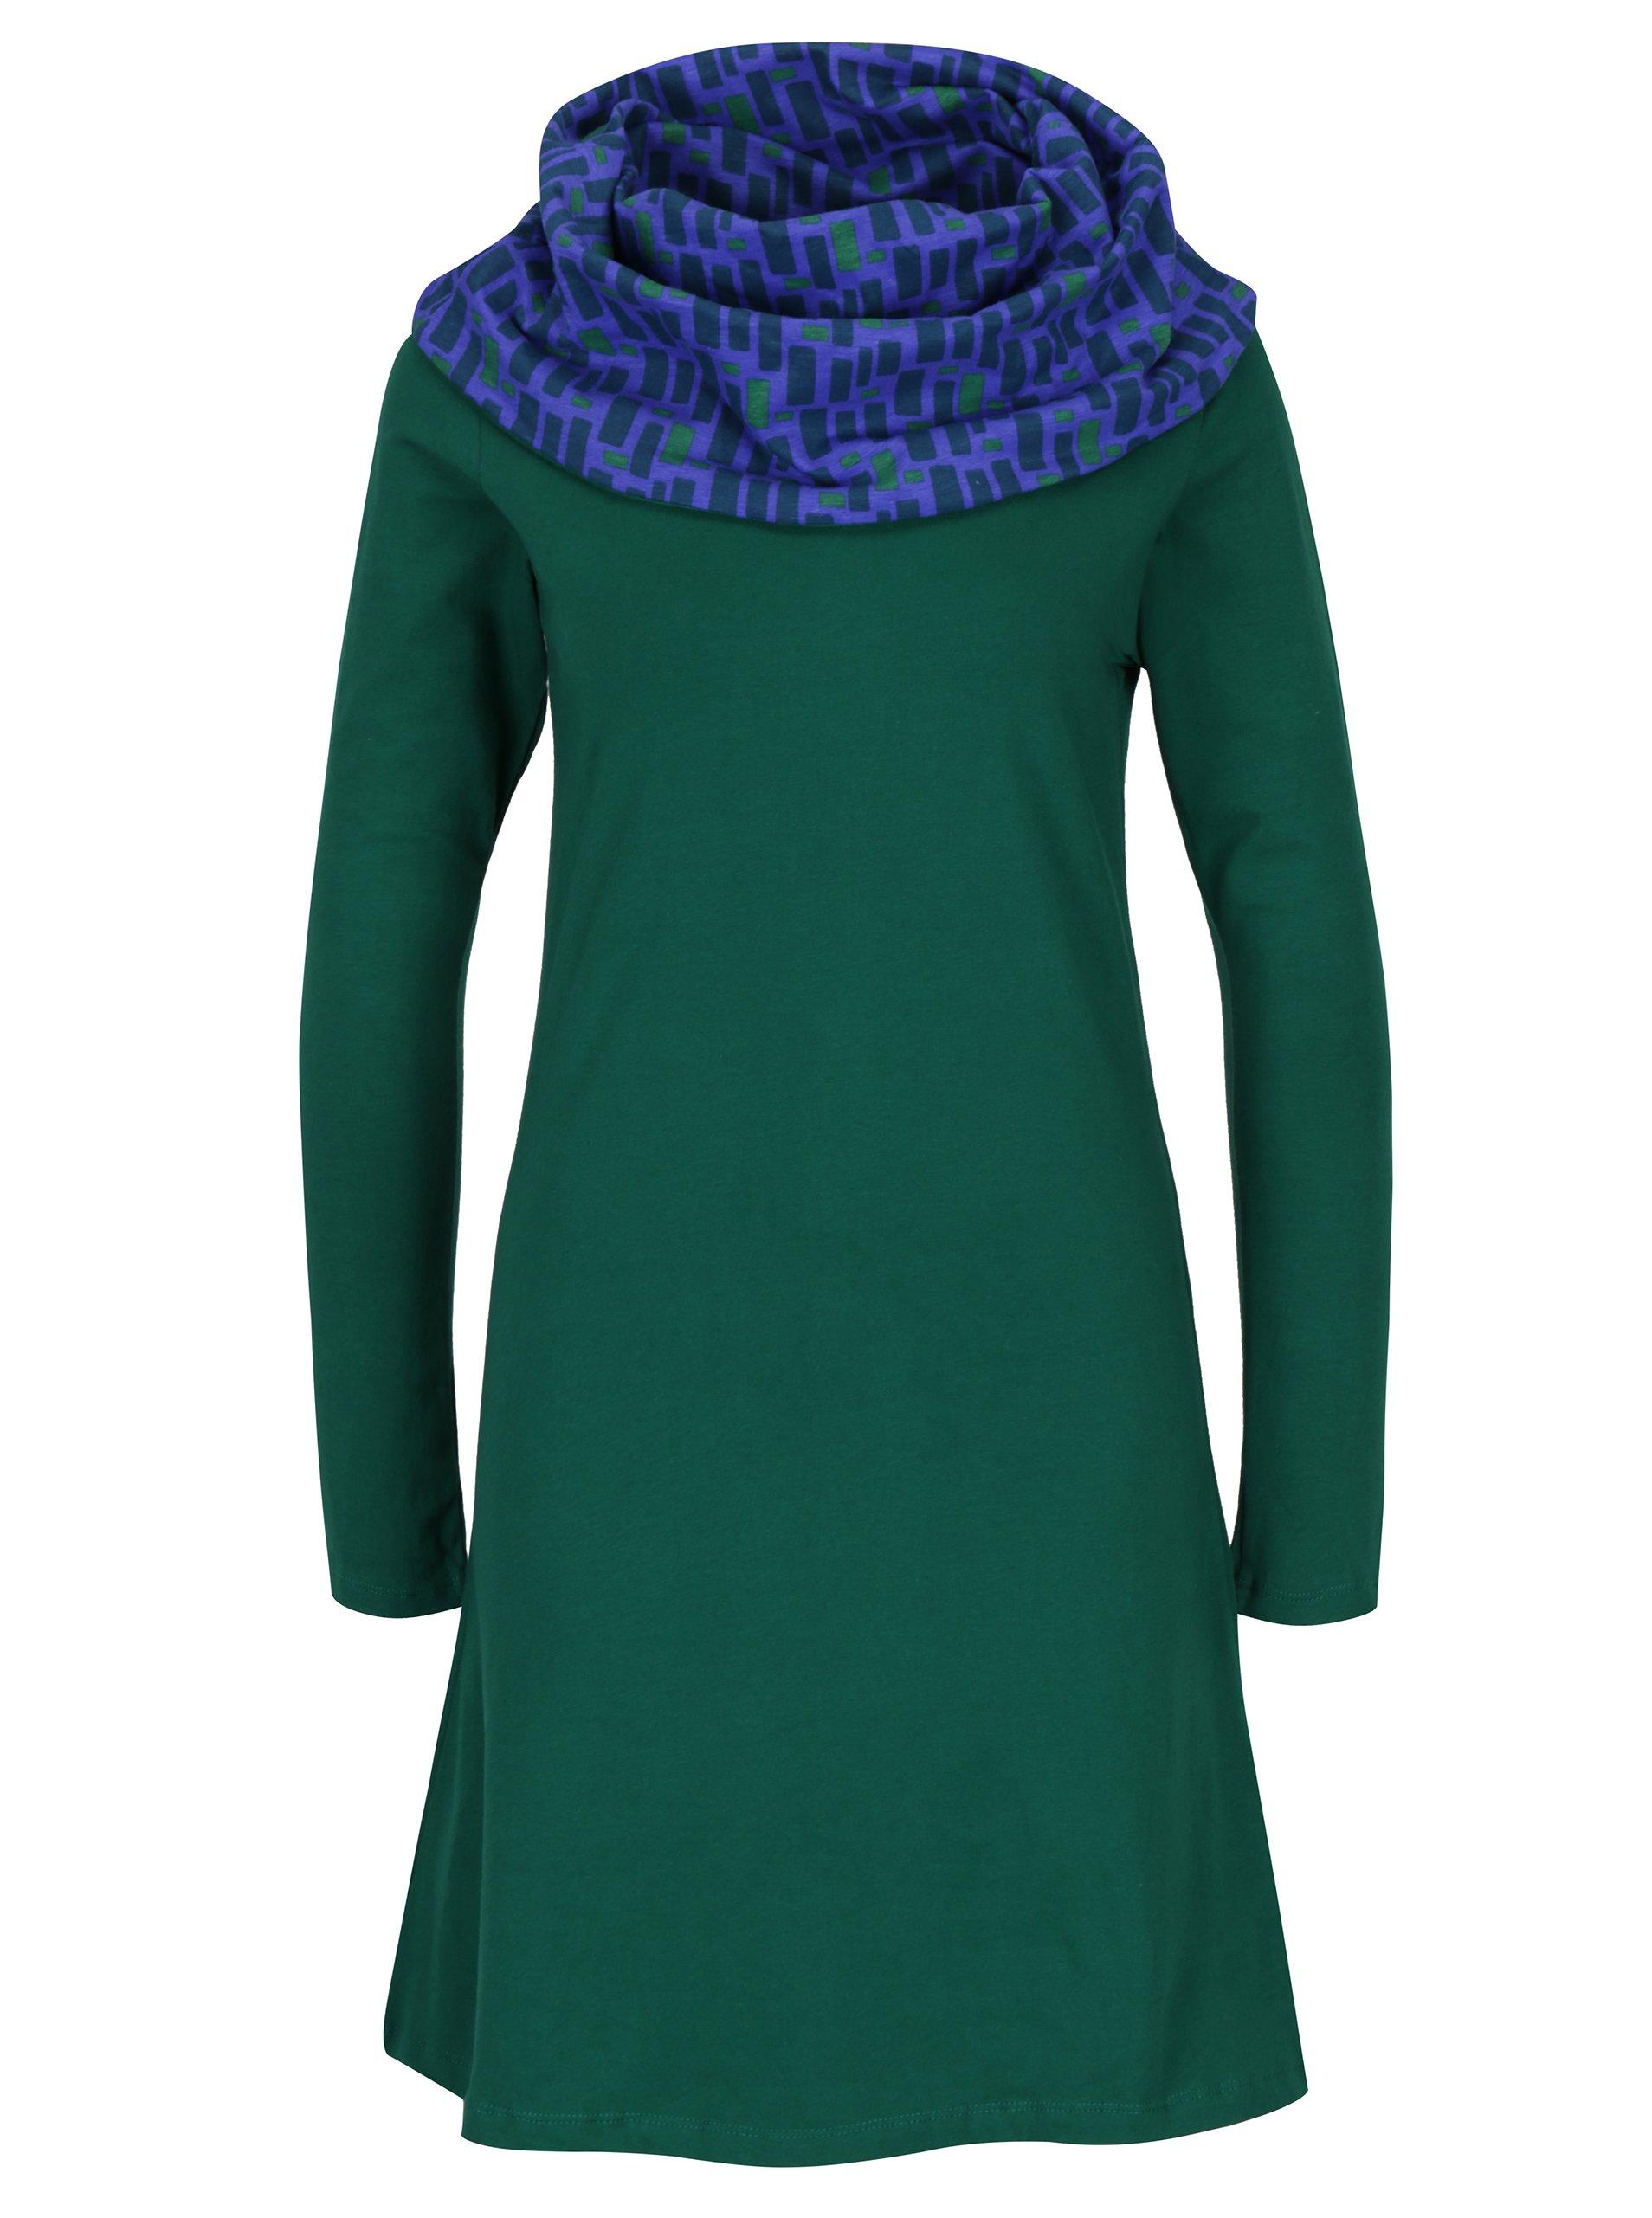 Zelené šaty s vysokým vzorovaným límcem Tranquillo Valence